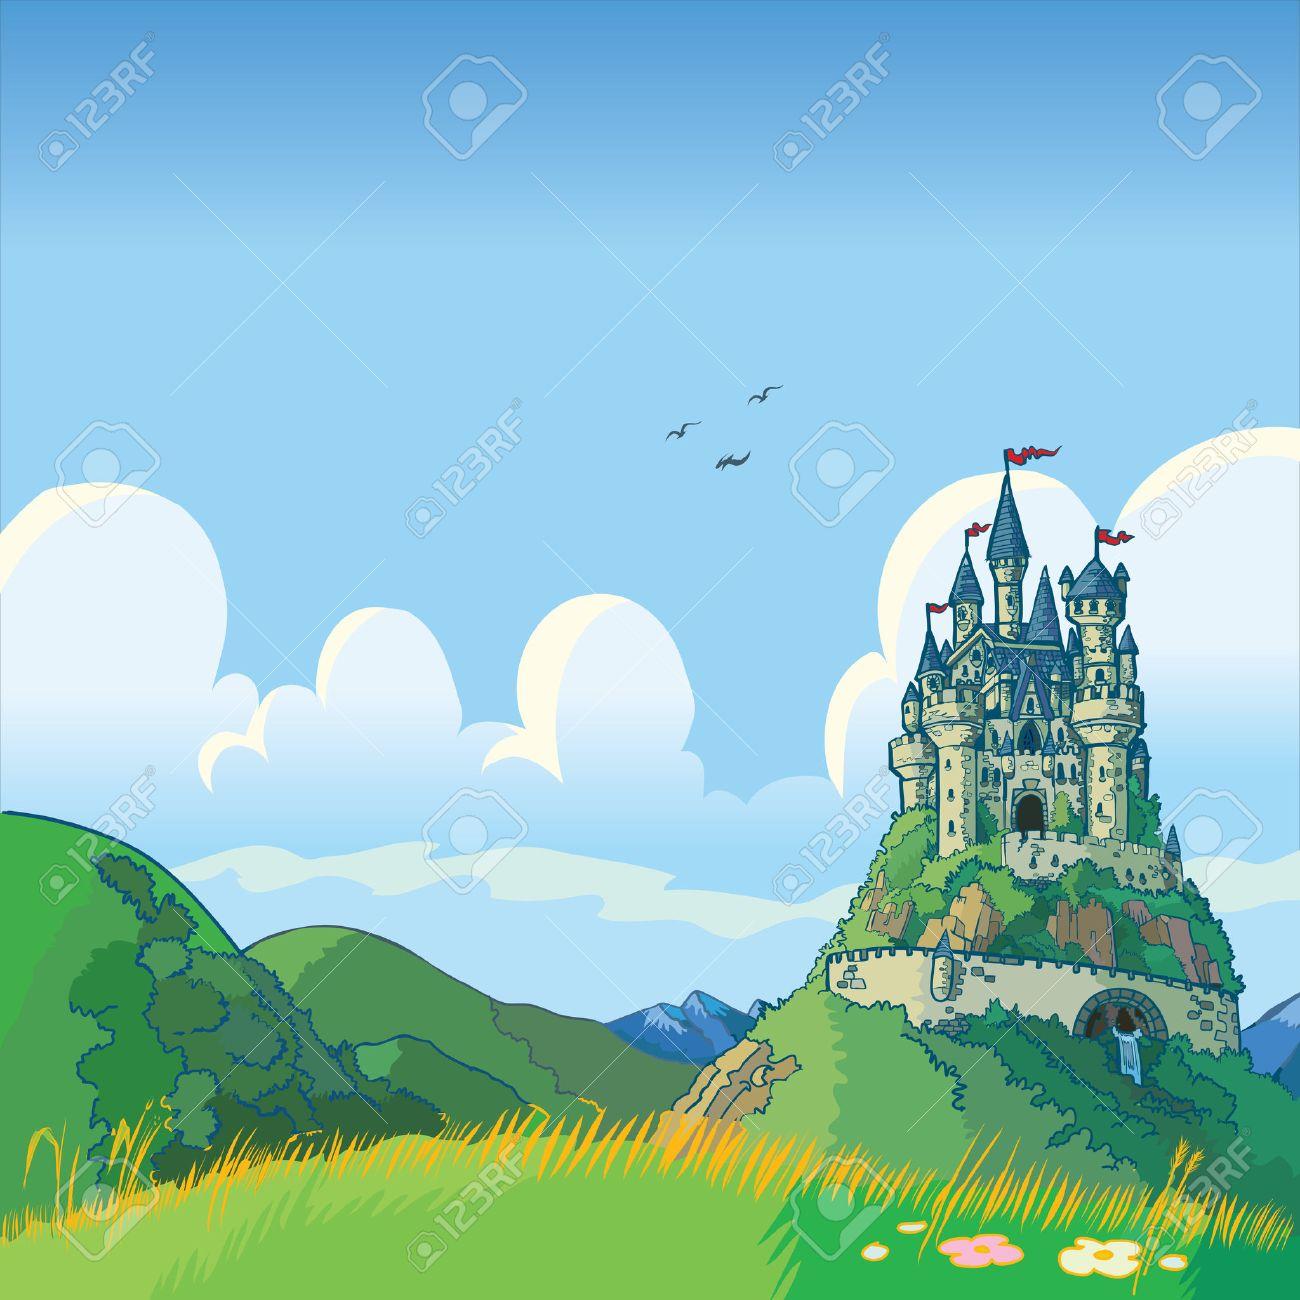 緑の丘と城の距離でローリングとファンタジー背景のベクトル漫画イラスト